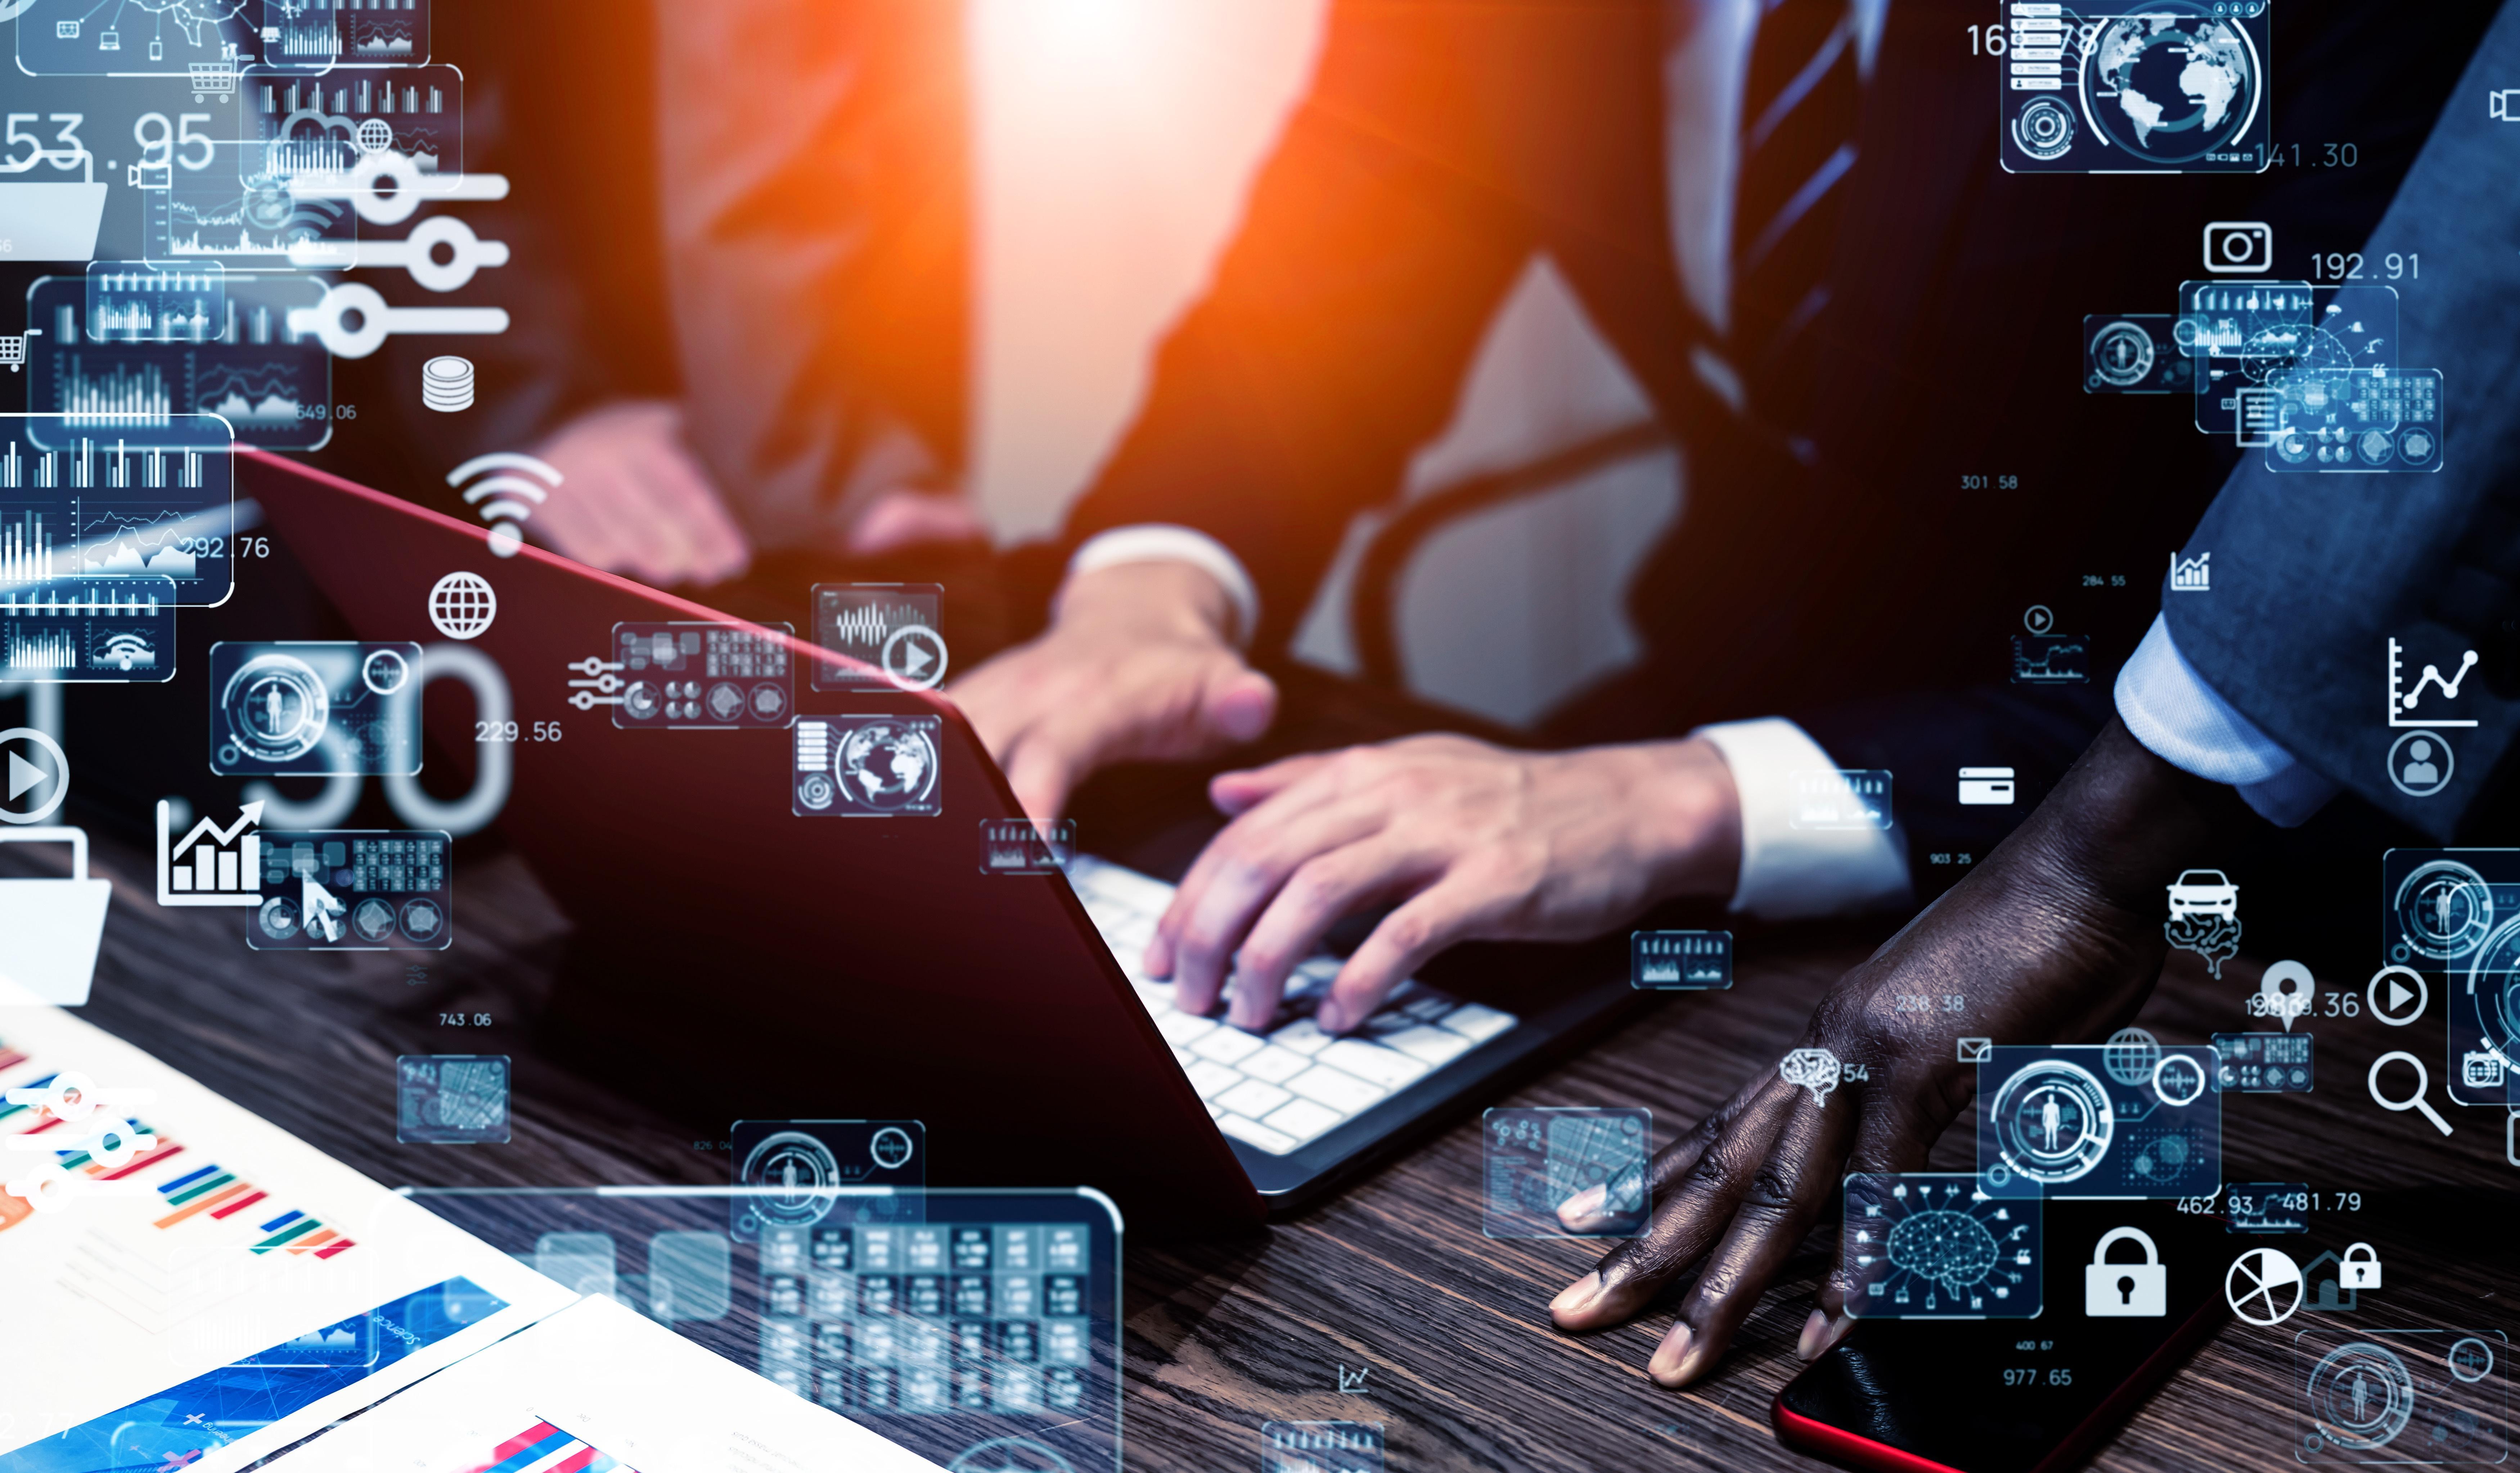 Salesforceデータを接続したTableauの利用